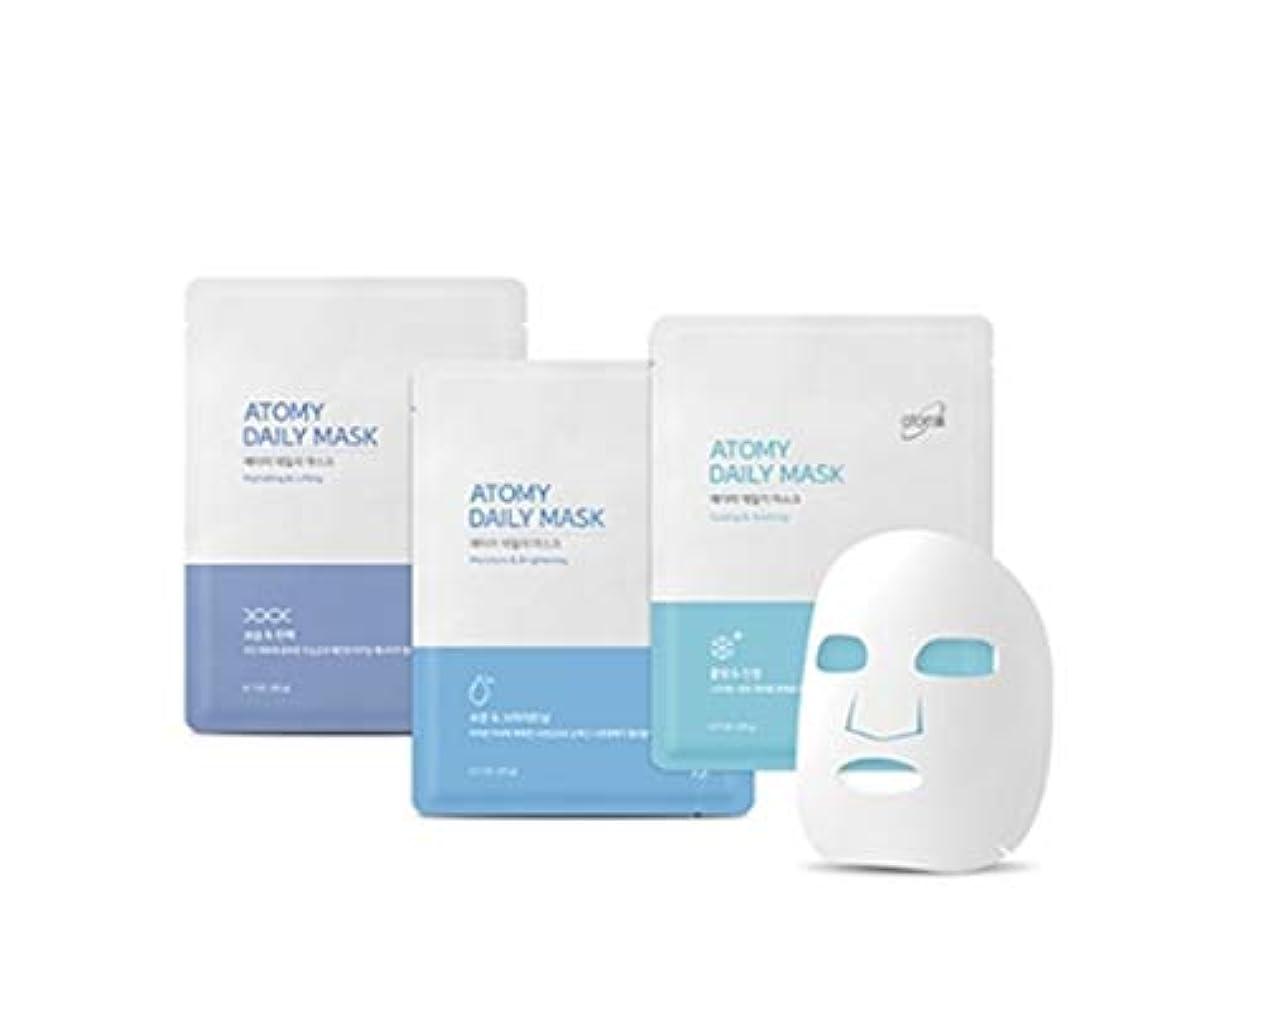 フィールドスラム街盲目[NEW] Atomy Daily Mask Sheet 3 Type Combo 30 Pack- Moisture & Brightening,Cooling & Soothing,Moisture & Brightening...